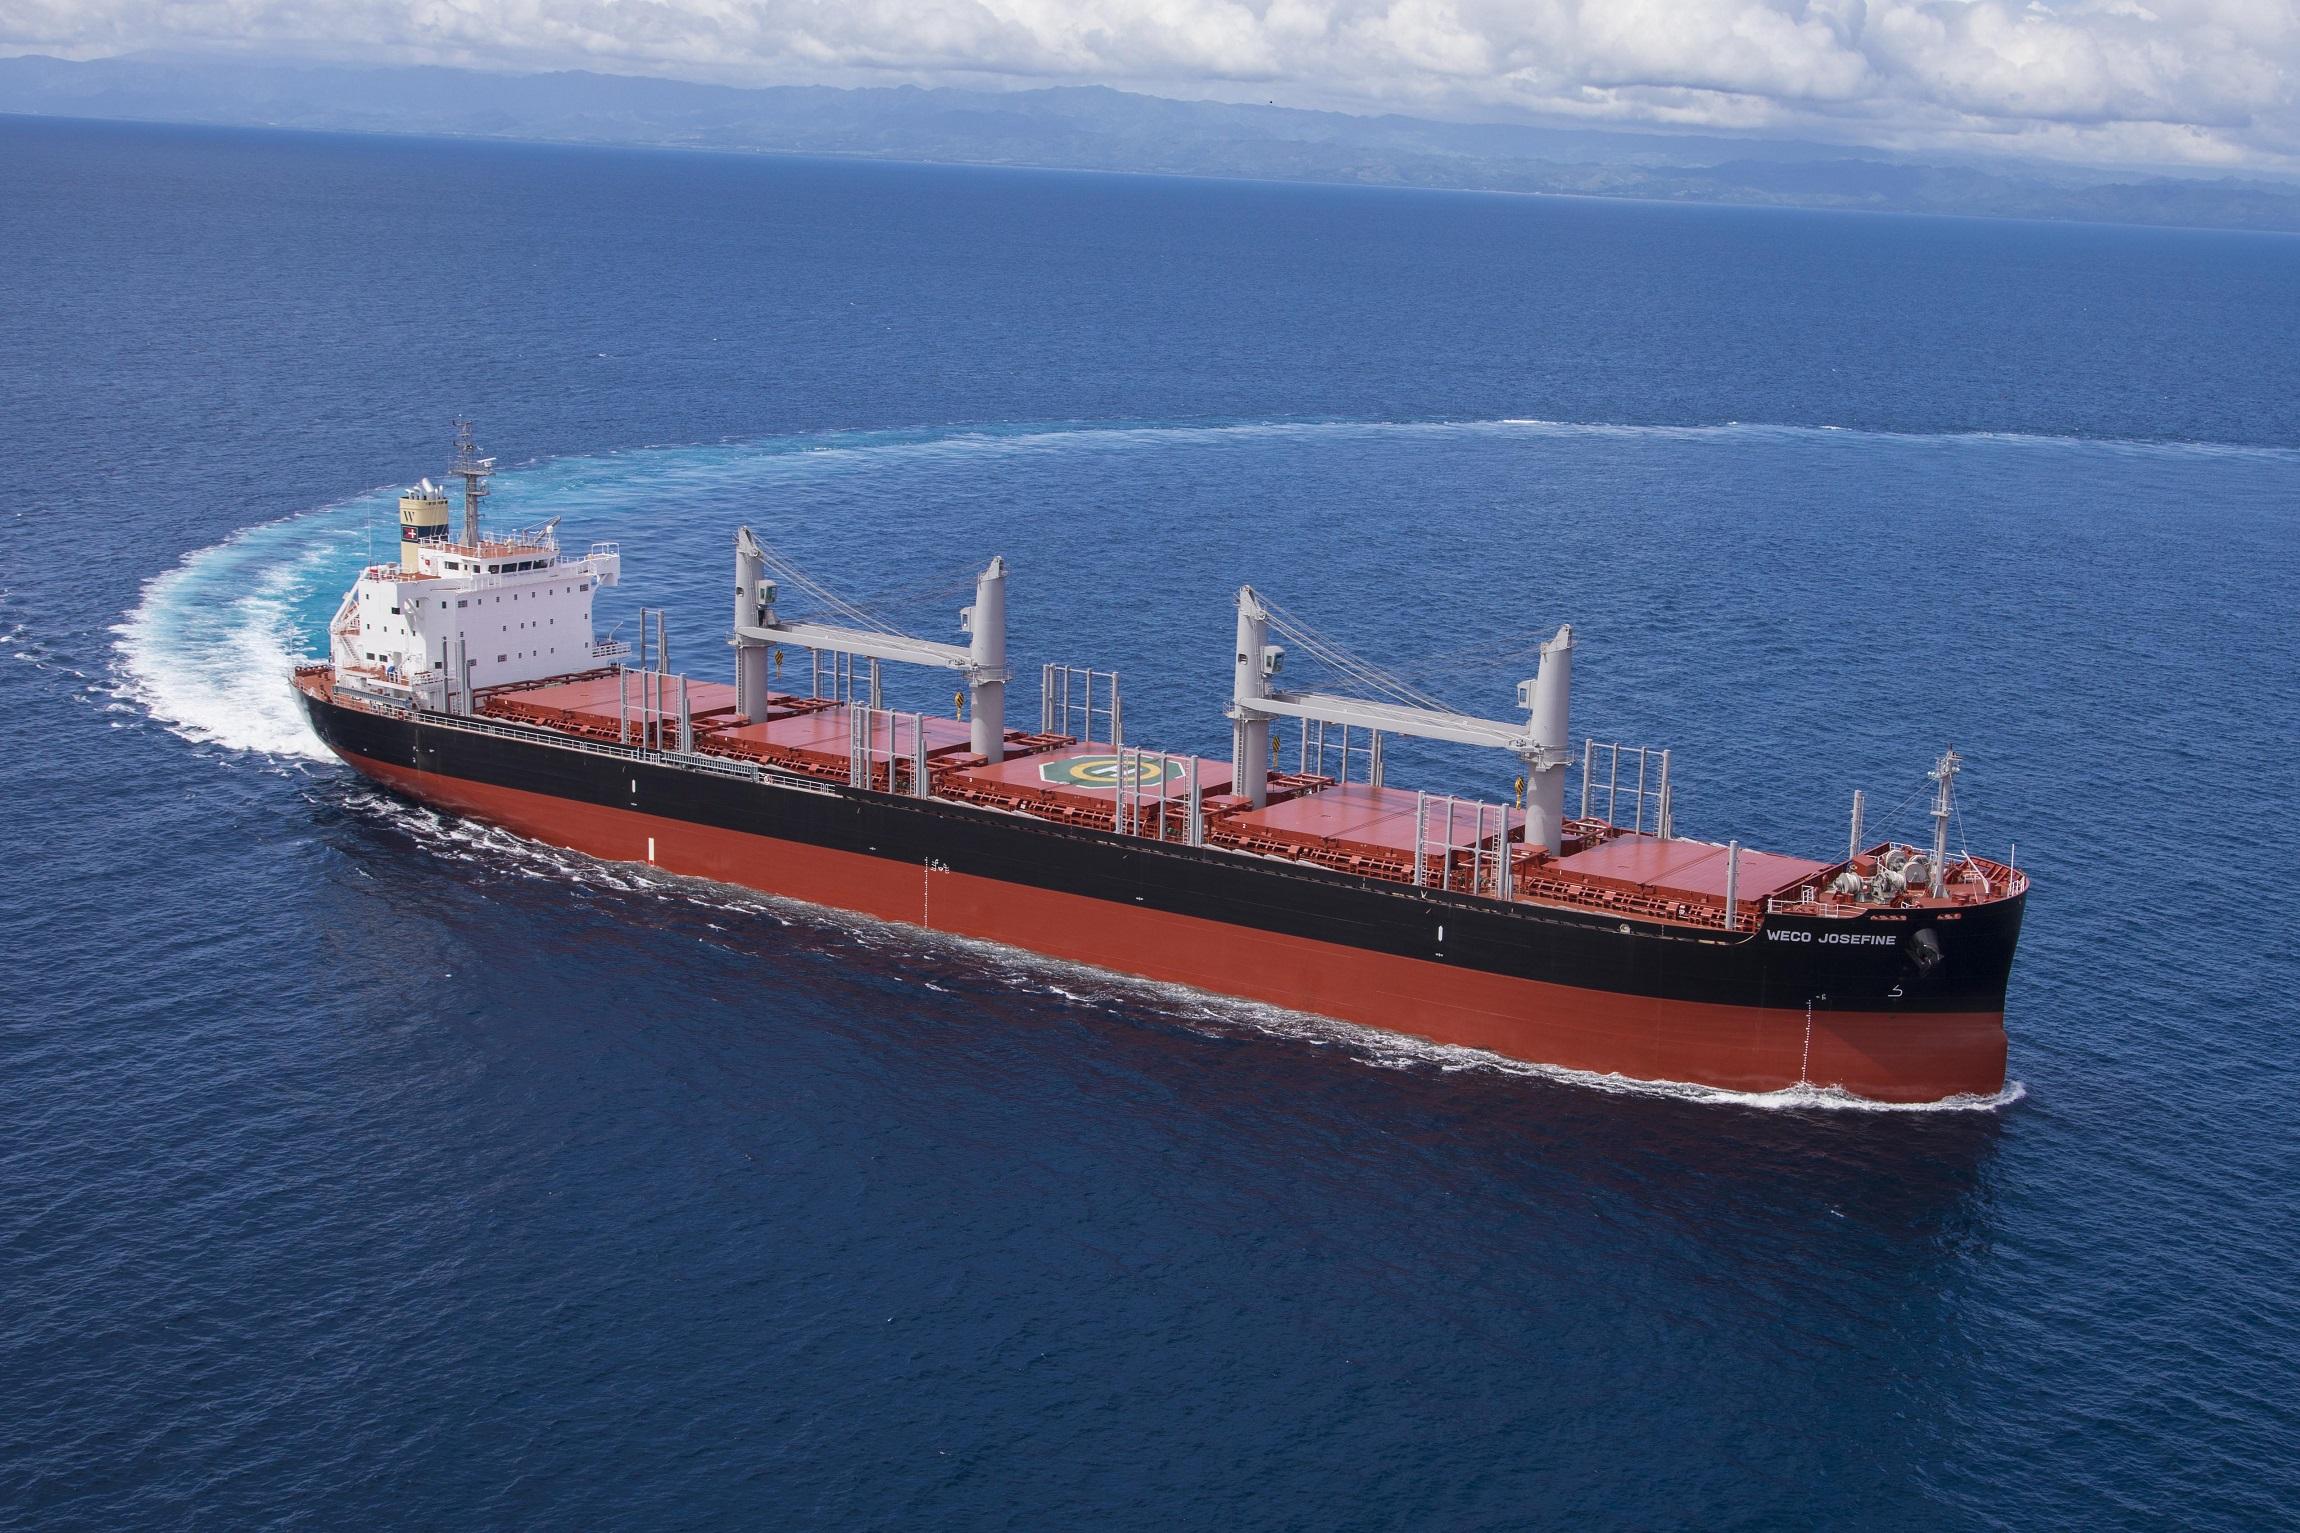 常石造船的第一艘3.83万吨型木材及散货船TESS38竣工并交付